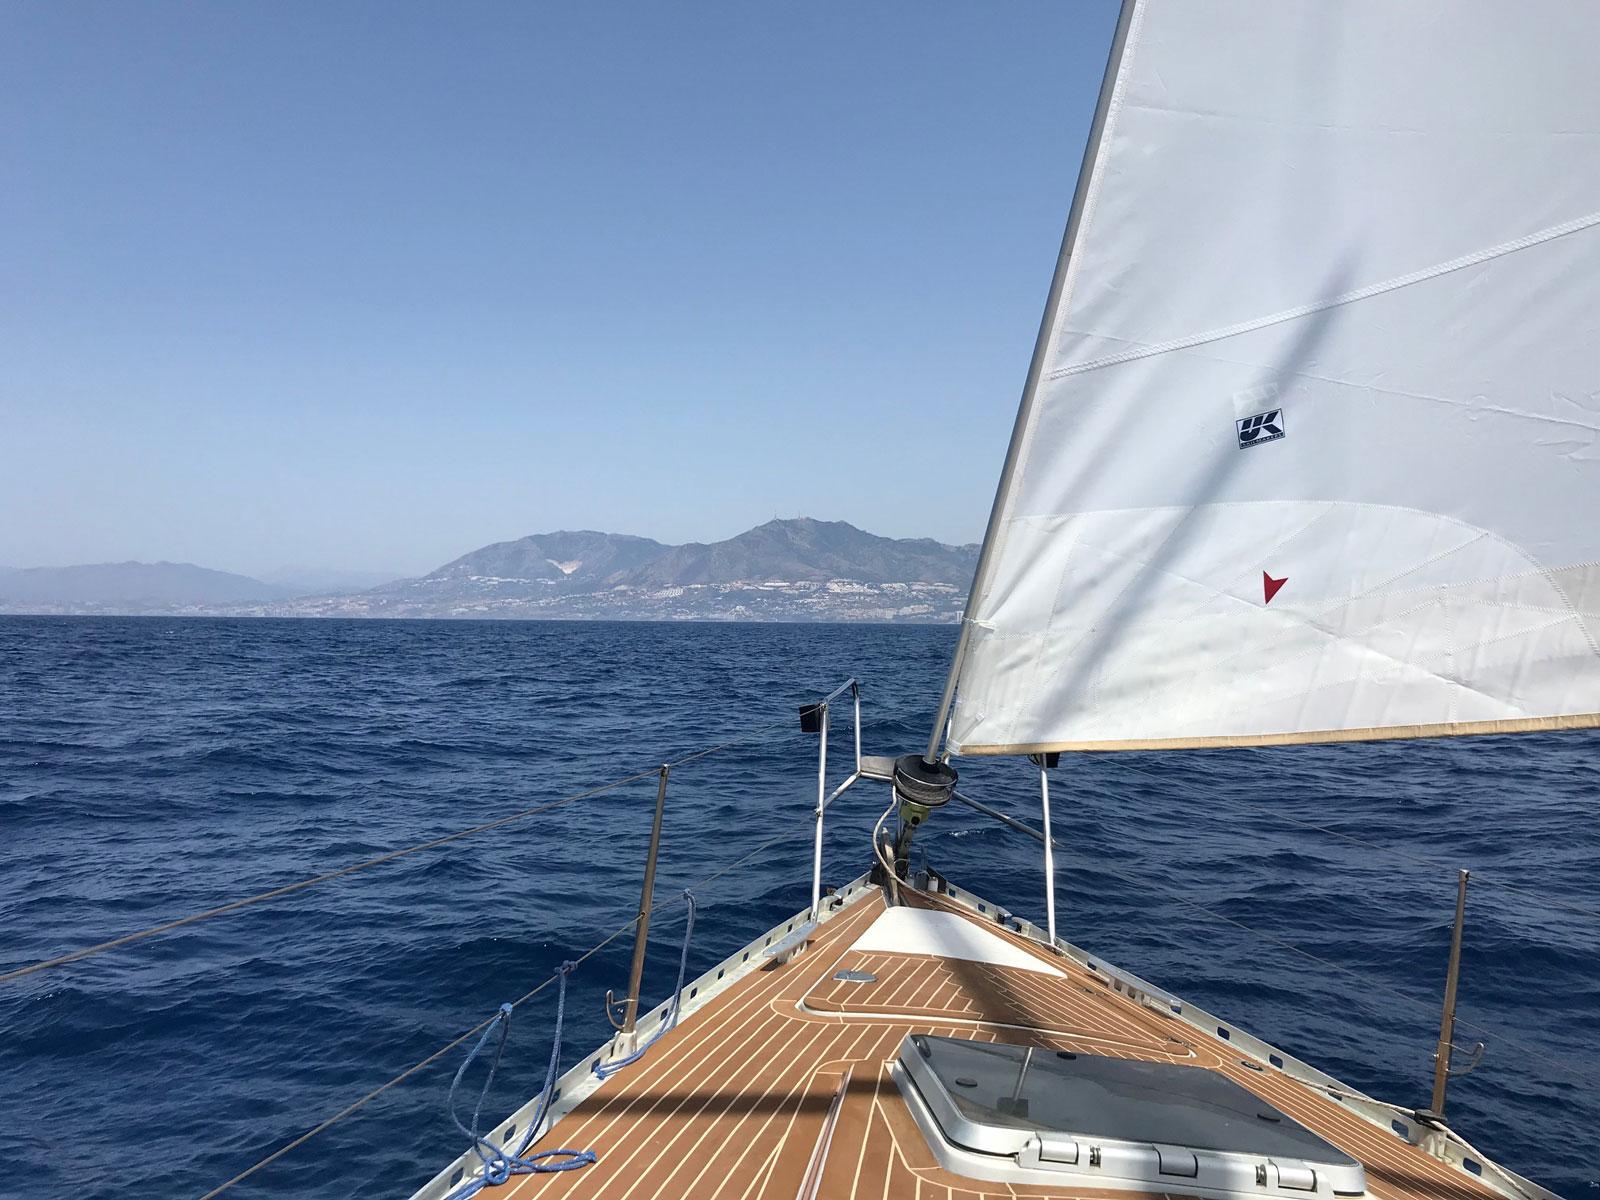 Imagen de Benalmádena desde un Barco